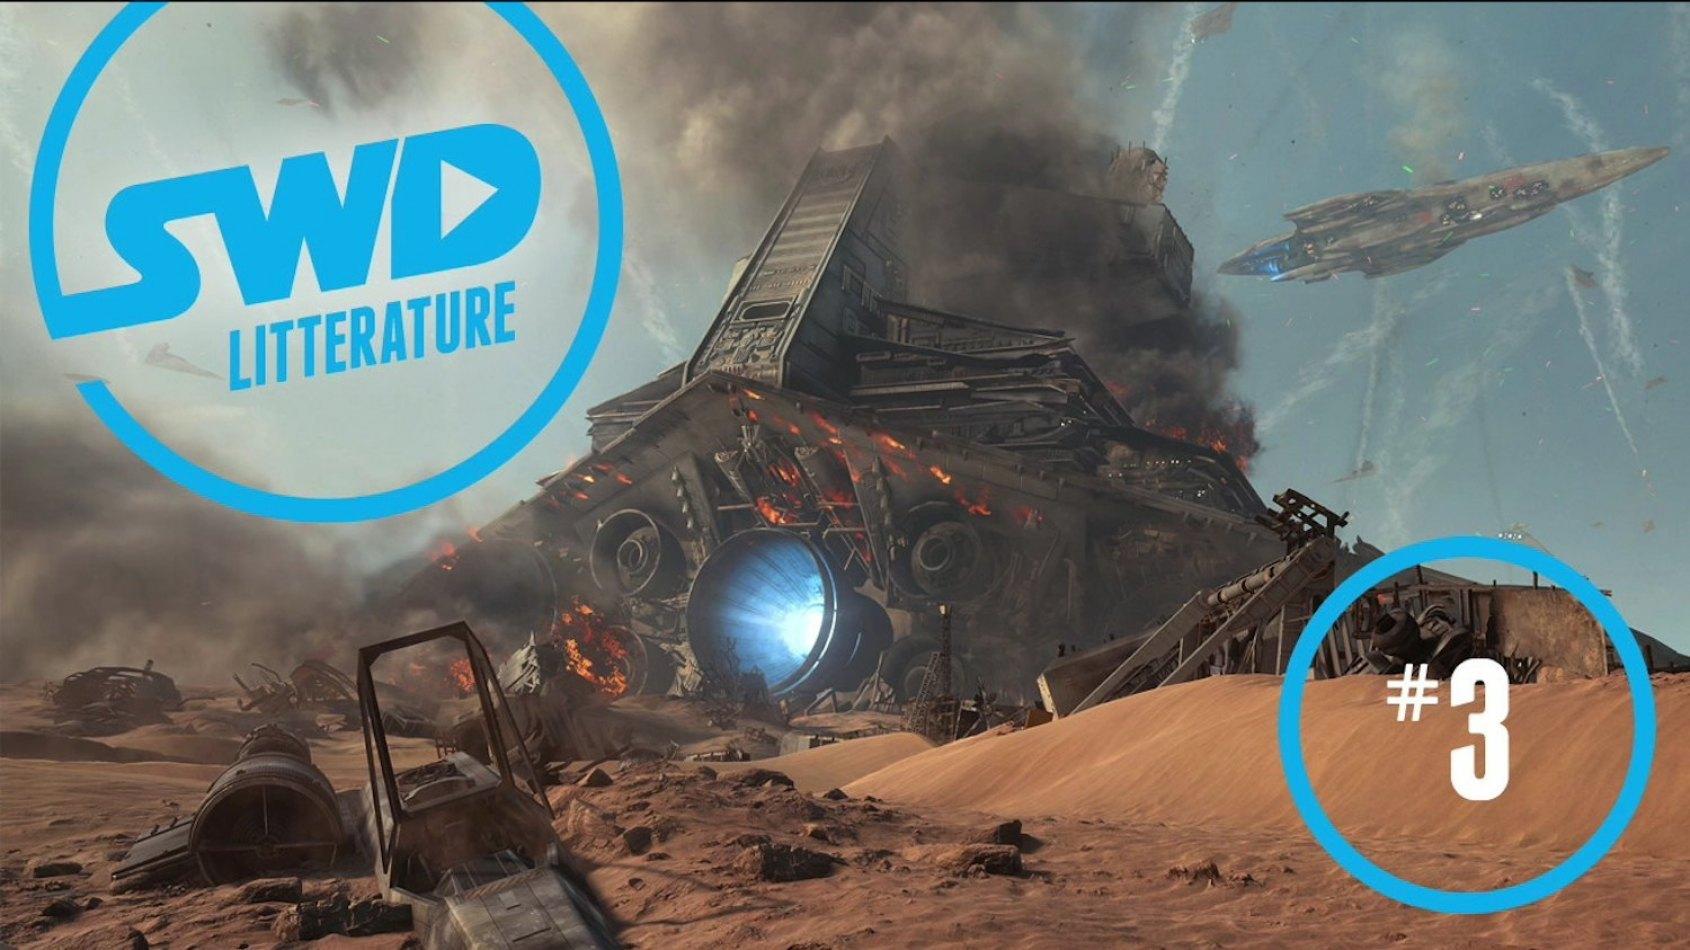 Trois nouvelles émissions pour Star Wars en Direct